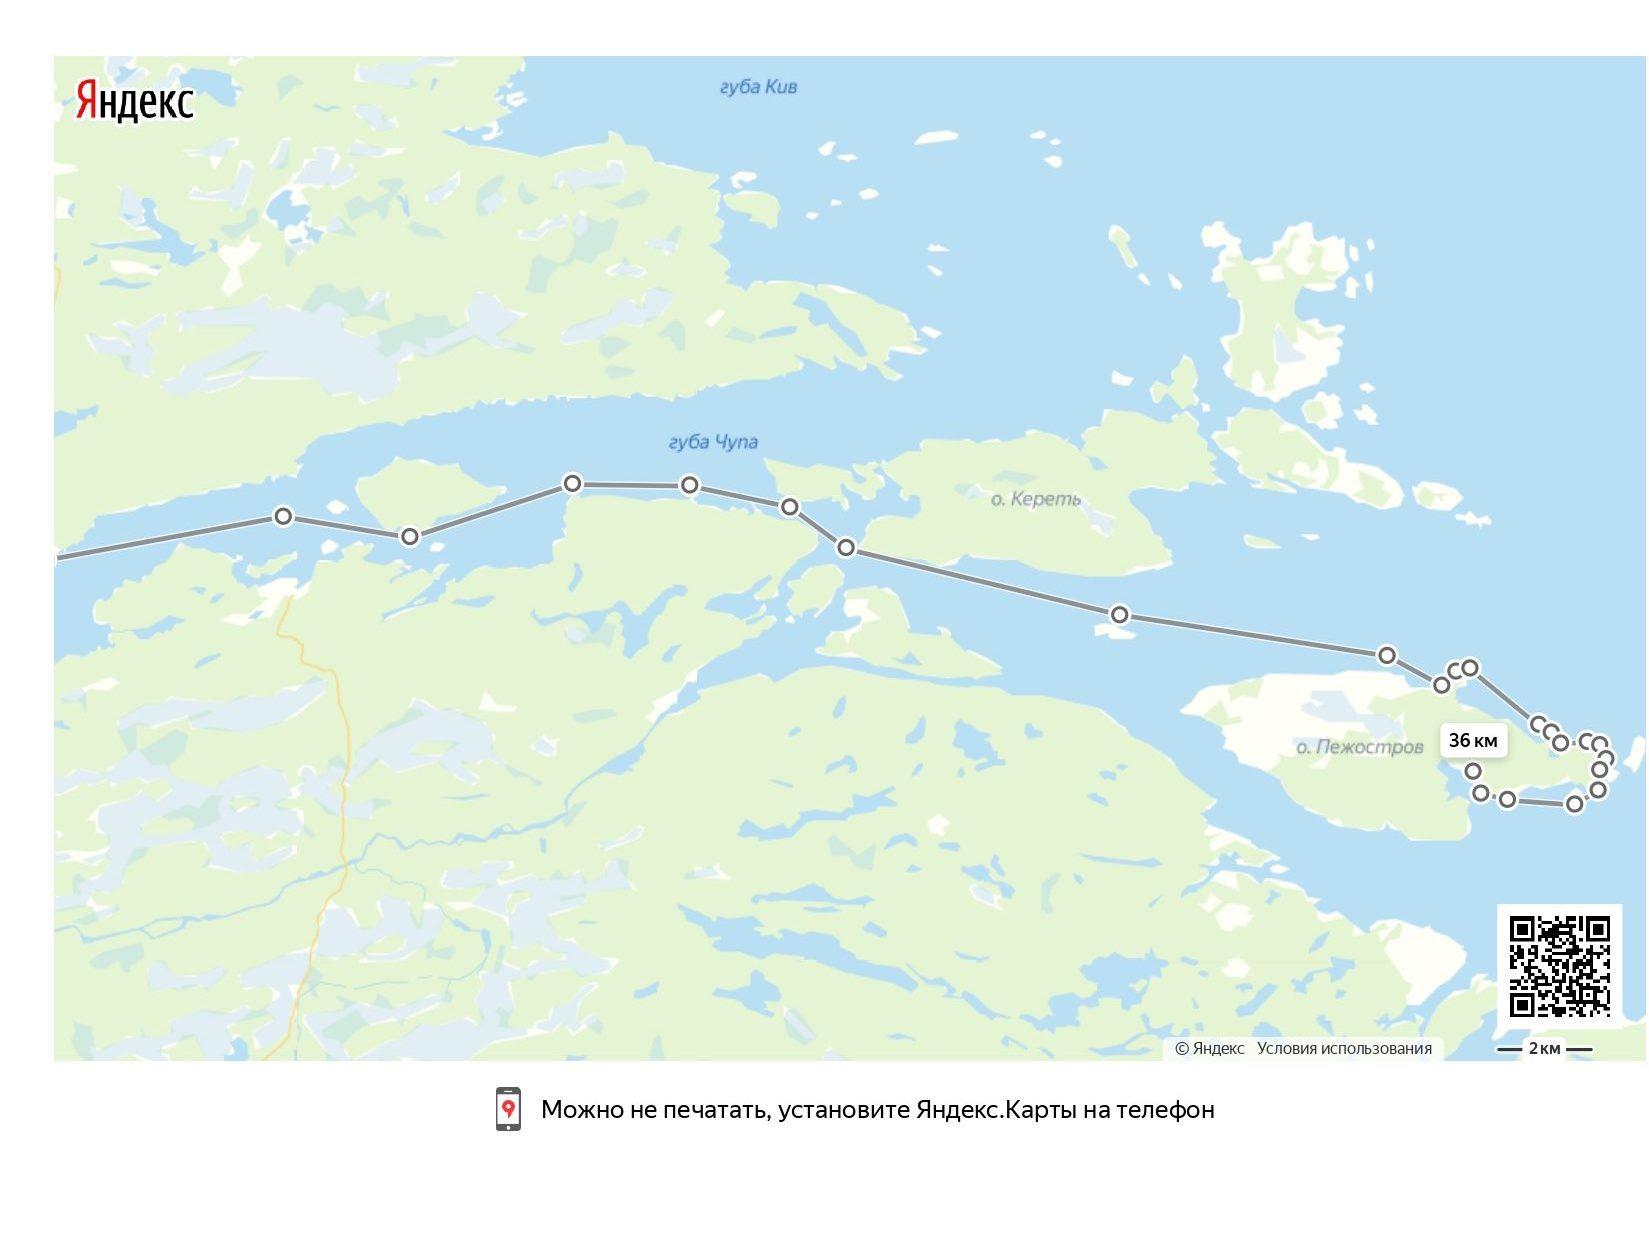 Путь от поселка Нижняя Пулонга до Пежострова - 36 км.